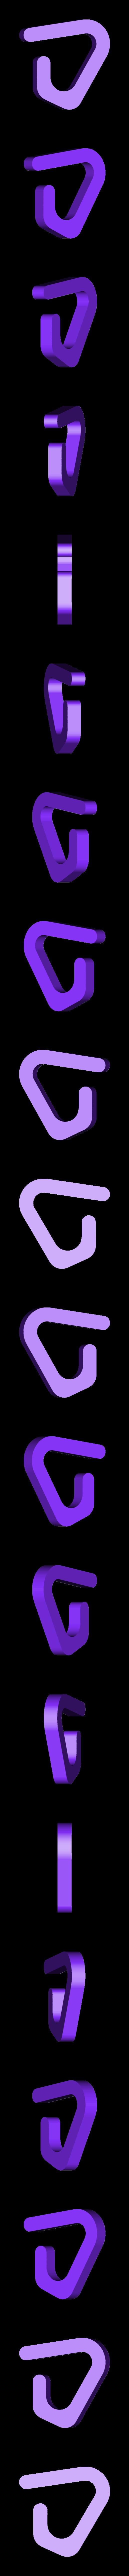 rainbarrel_clamp.stl Télécharger fichier STL gratuit pince pour couvercle de tonneau de pluie • Plan pour impression 3D, lukeskymuh